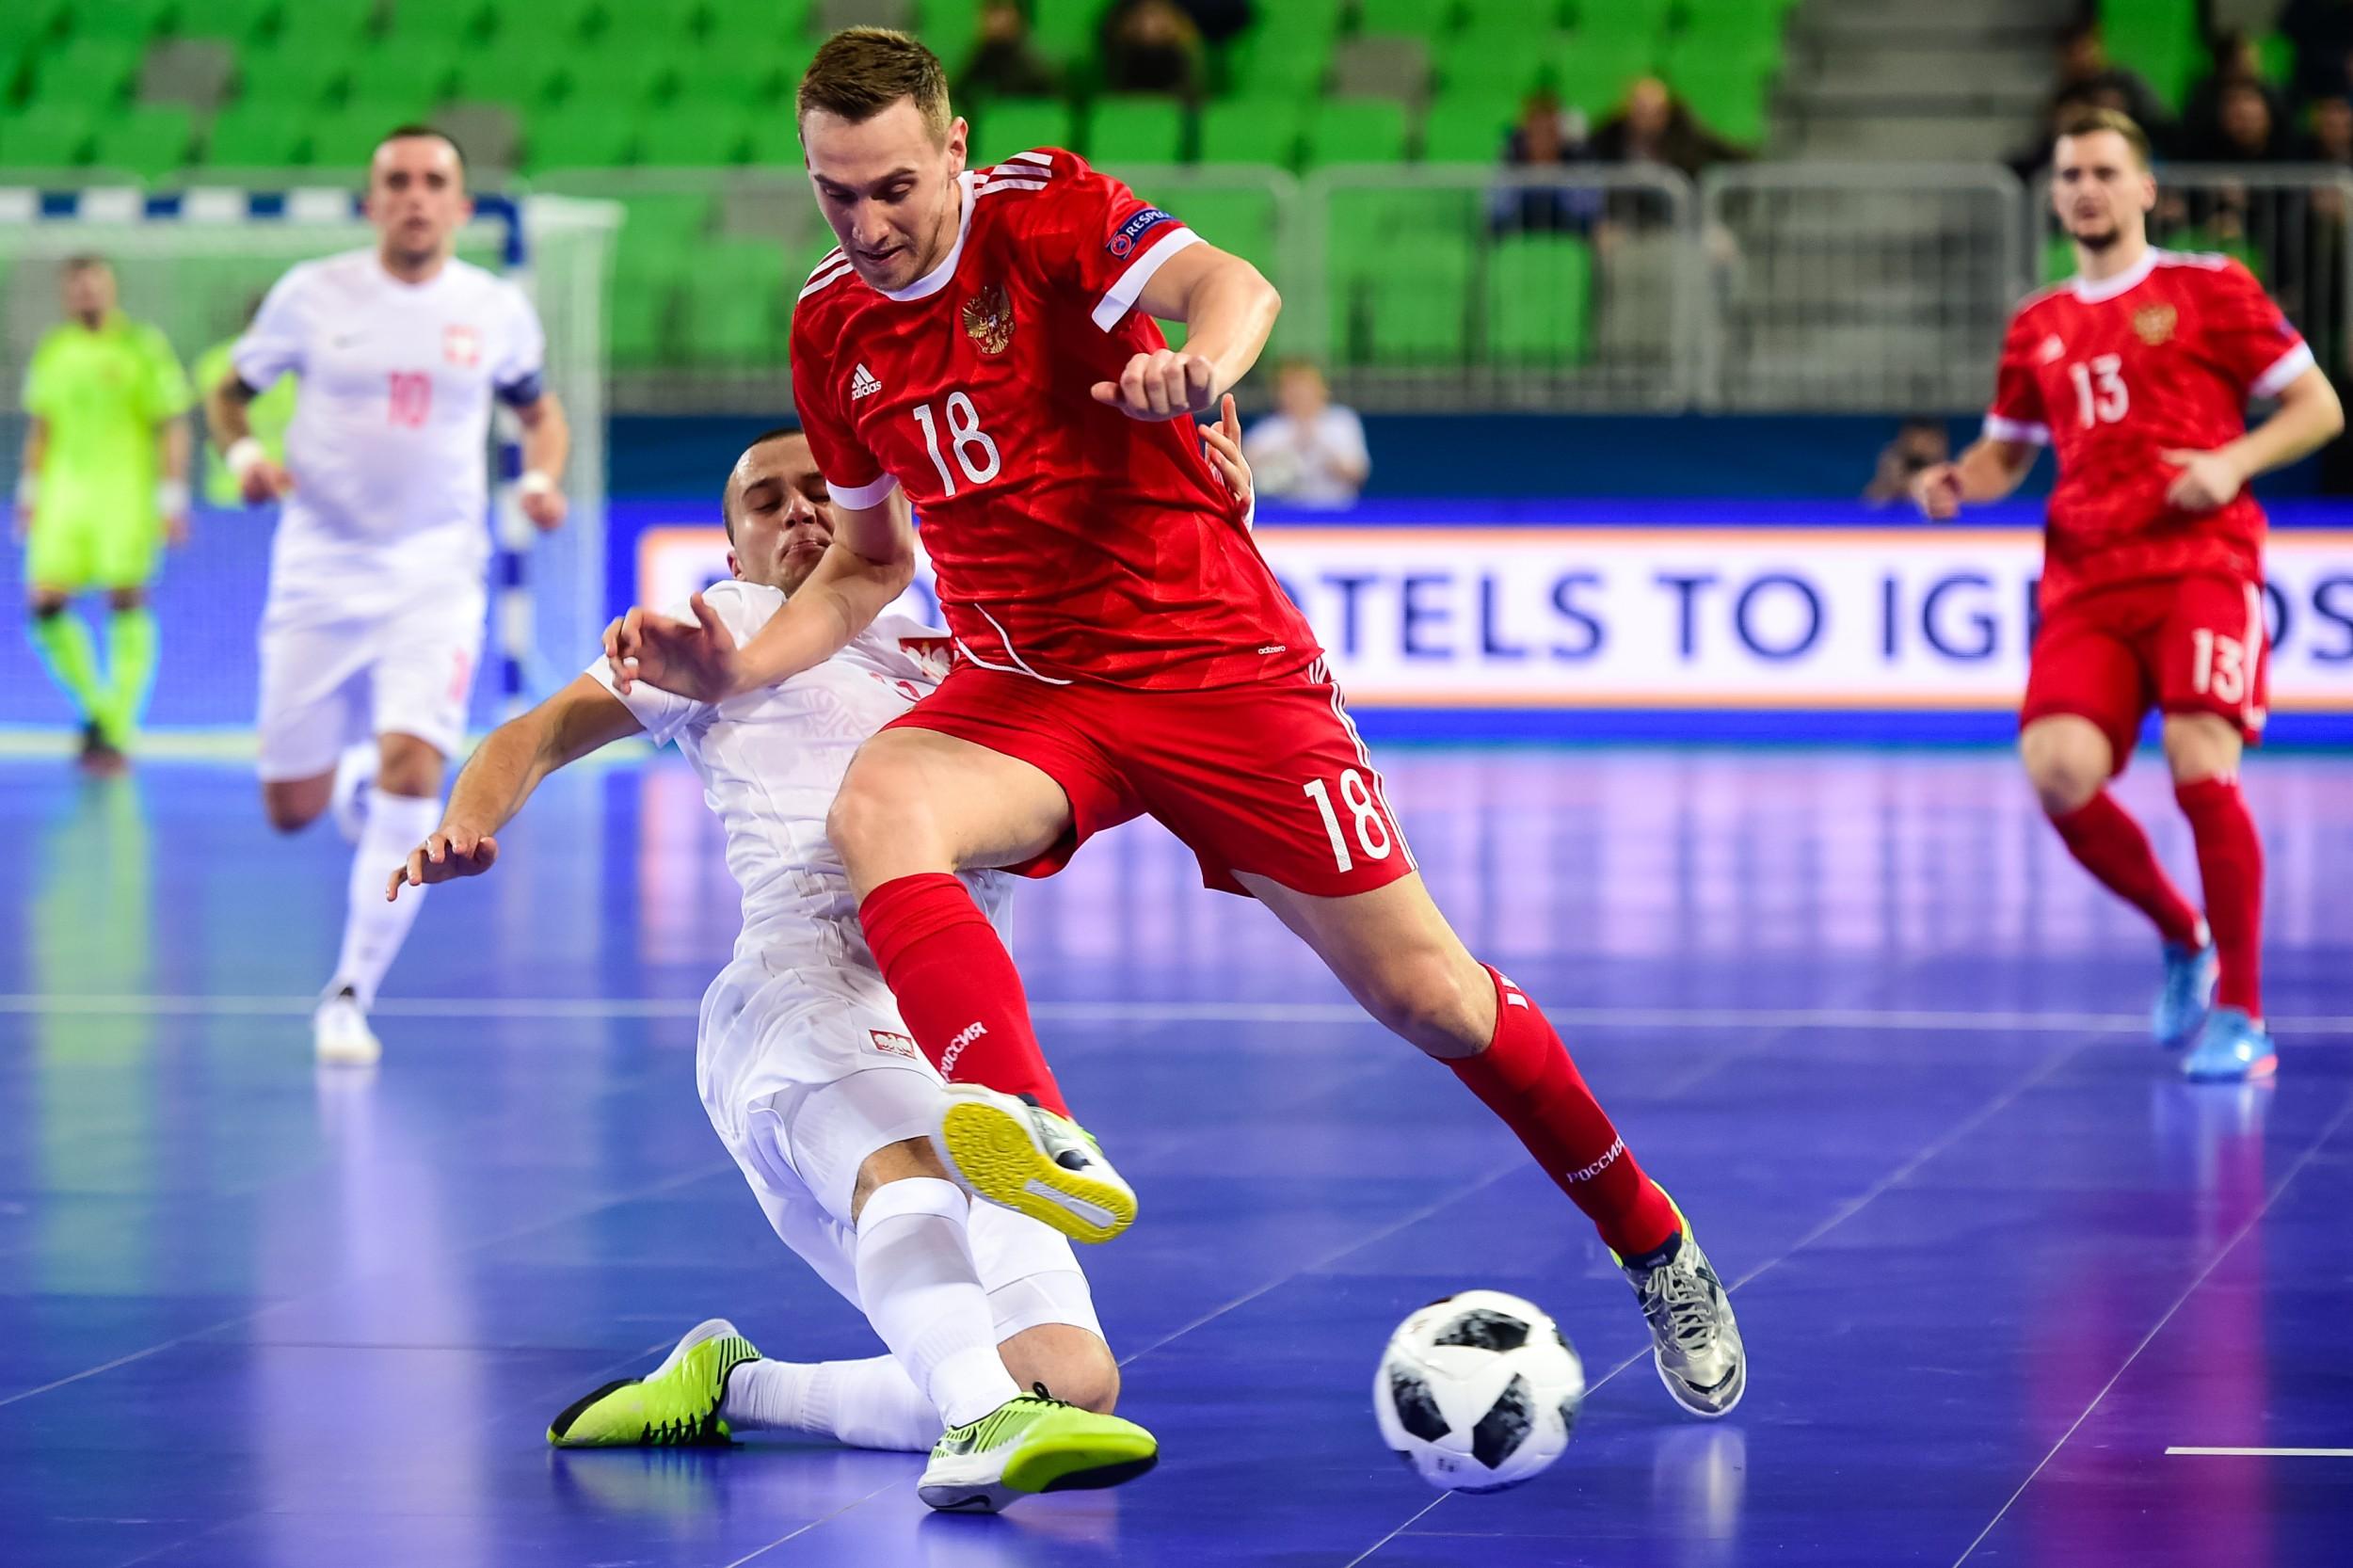 f362d0b8df9d9 Futsal. Foto  Jure Makovec   Shutterstock.com